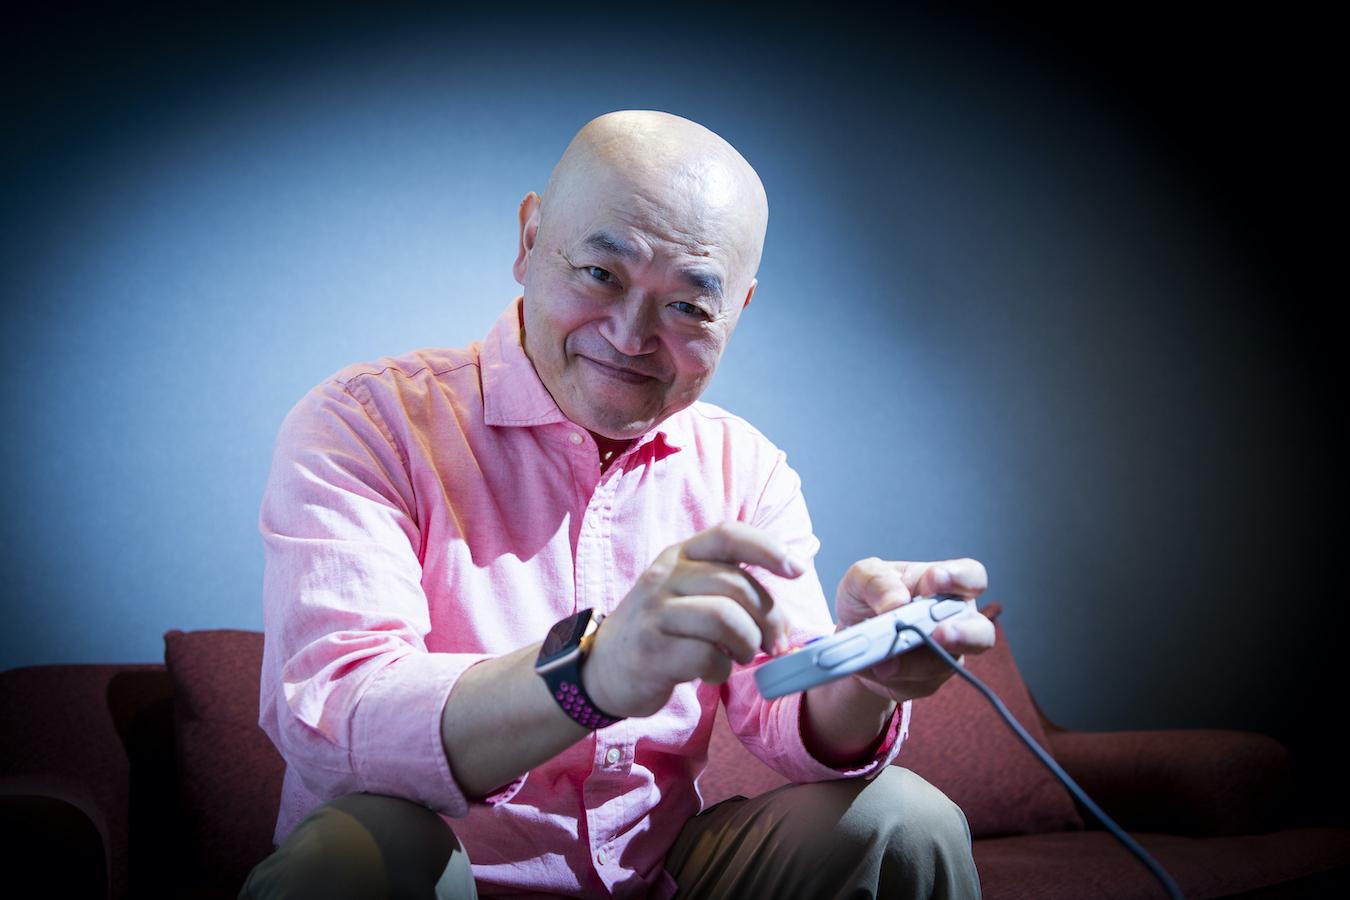 高橋名人が語るプロゲーマーとゲームの「未来」